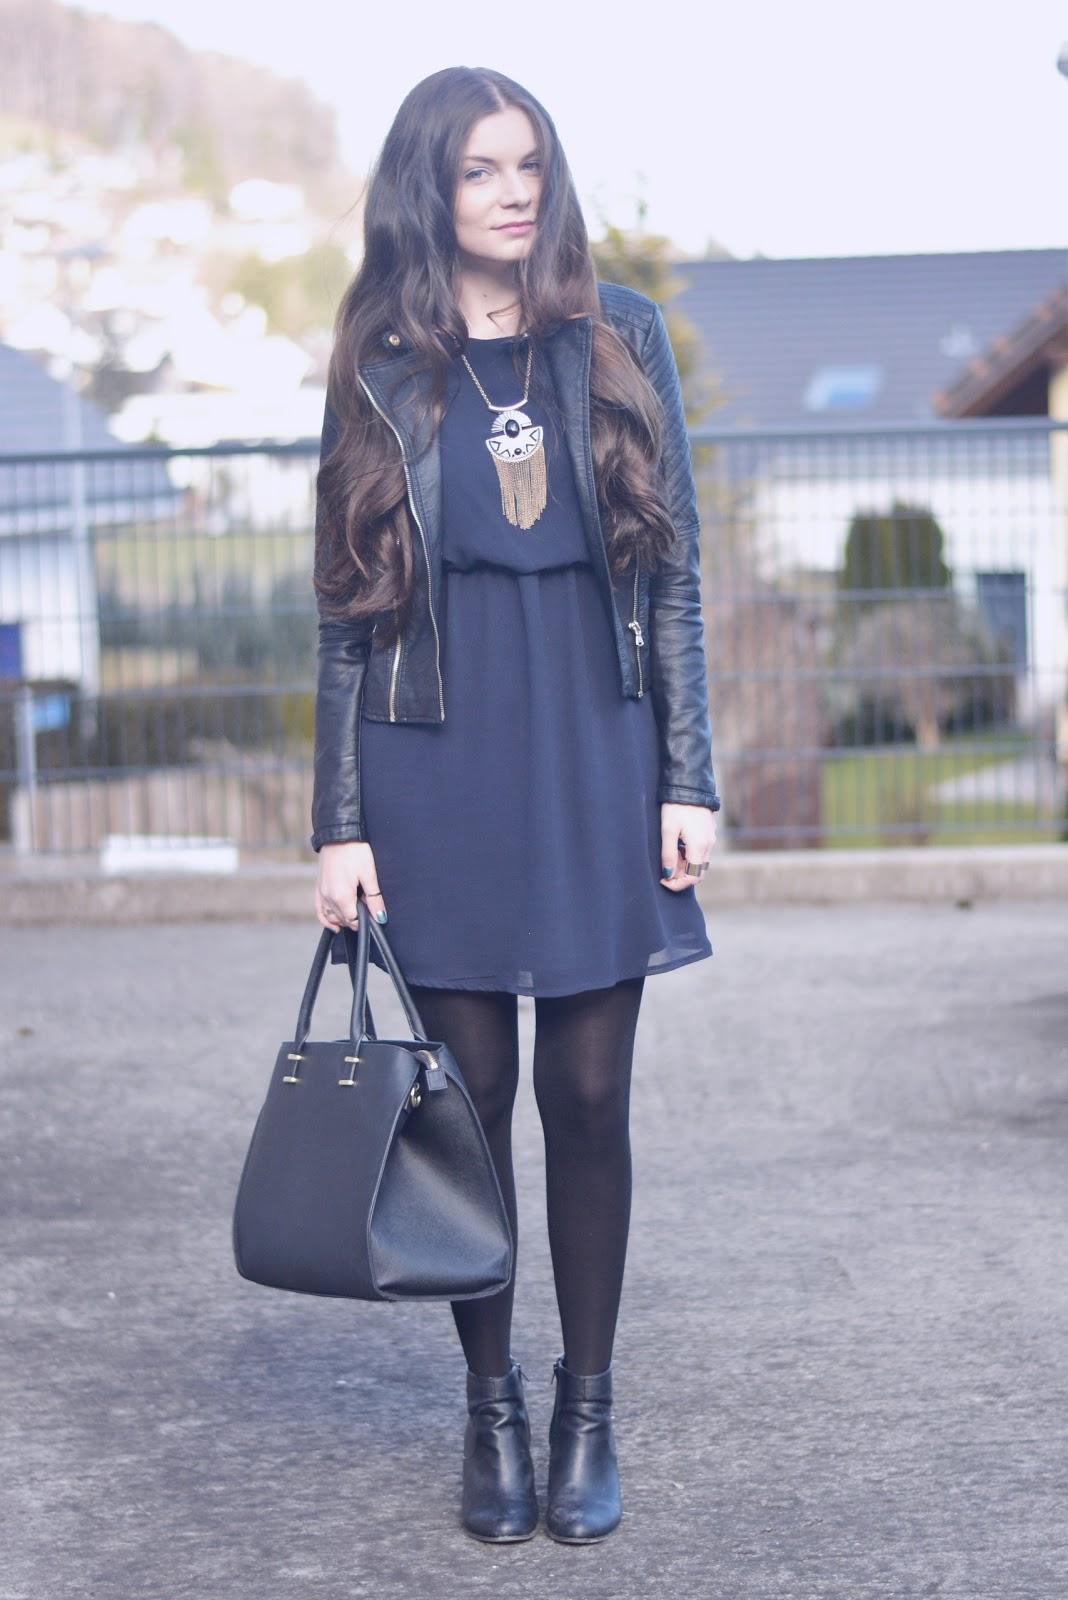 Blaues Kleid Mit Schwarz Kombinieren Modische Kleider In Europa